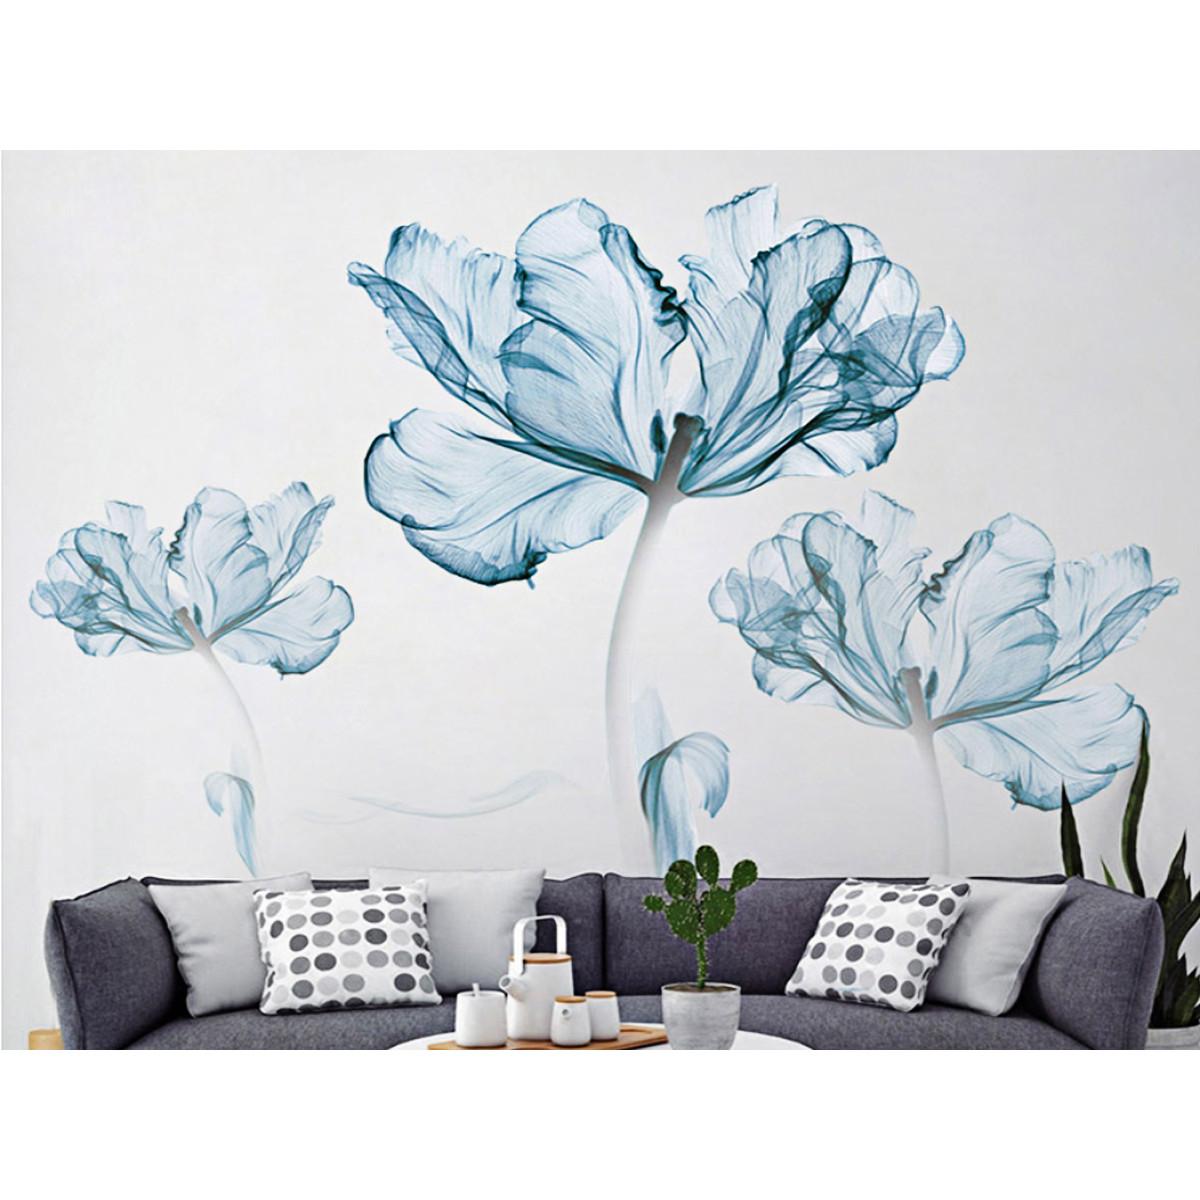 decal dán tường hoa giấy xanh 2 mảnh